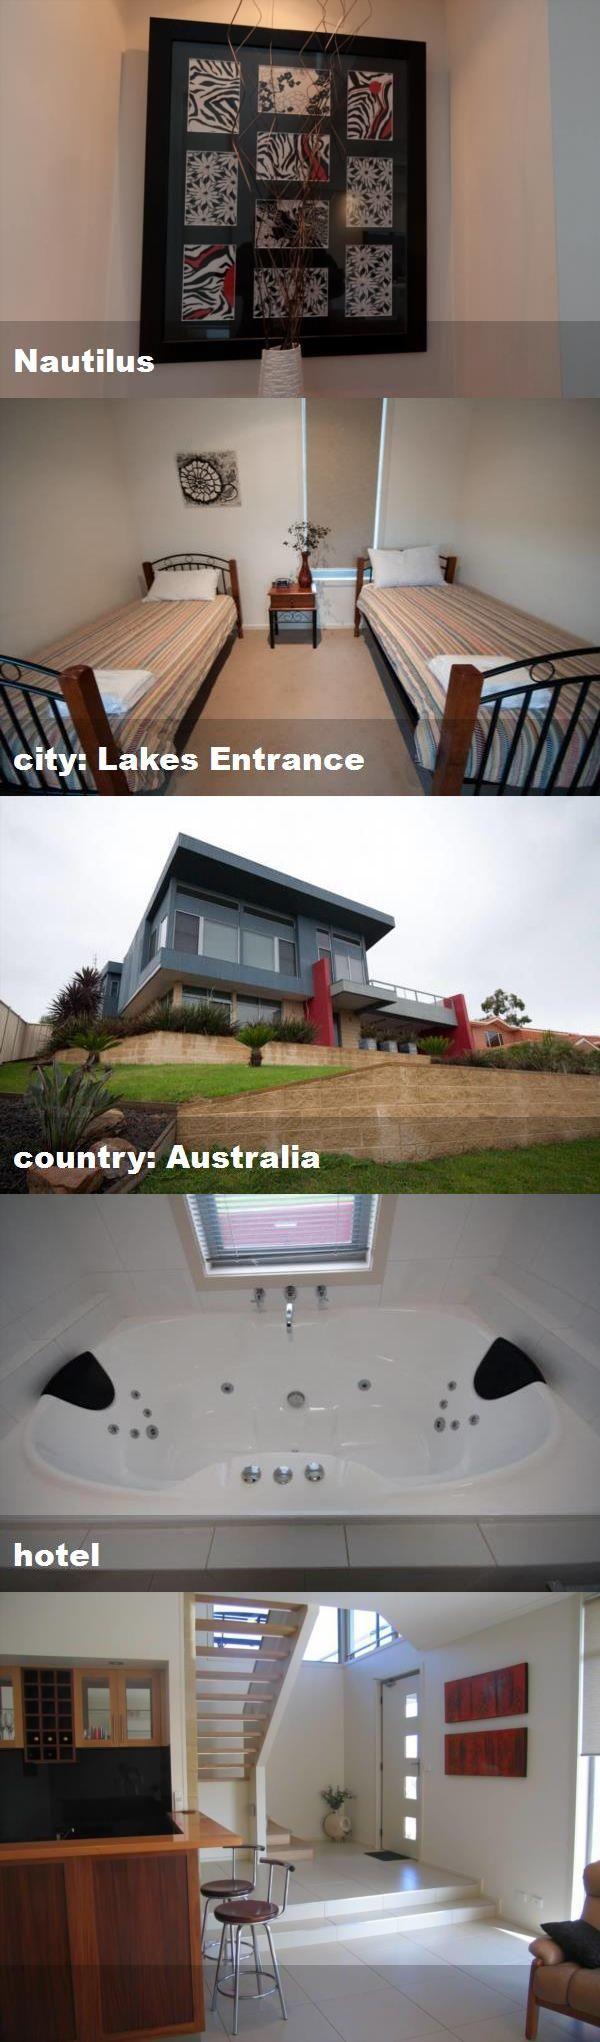 Nautilus, city Lakes Entrance, country Australia, hotel